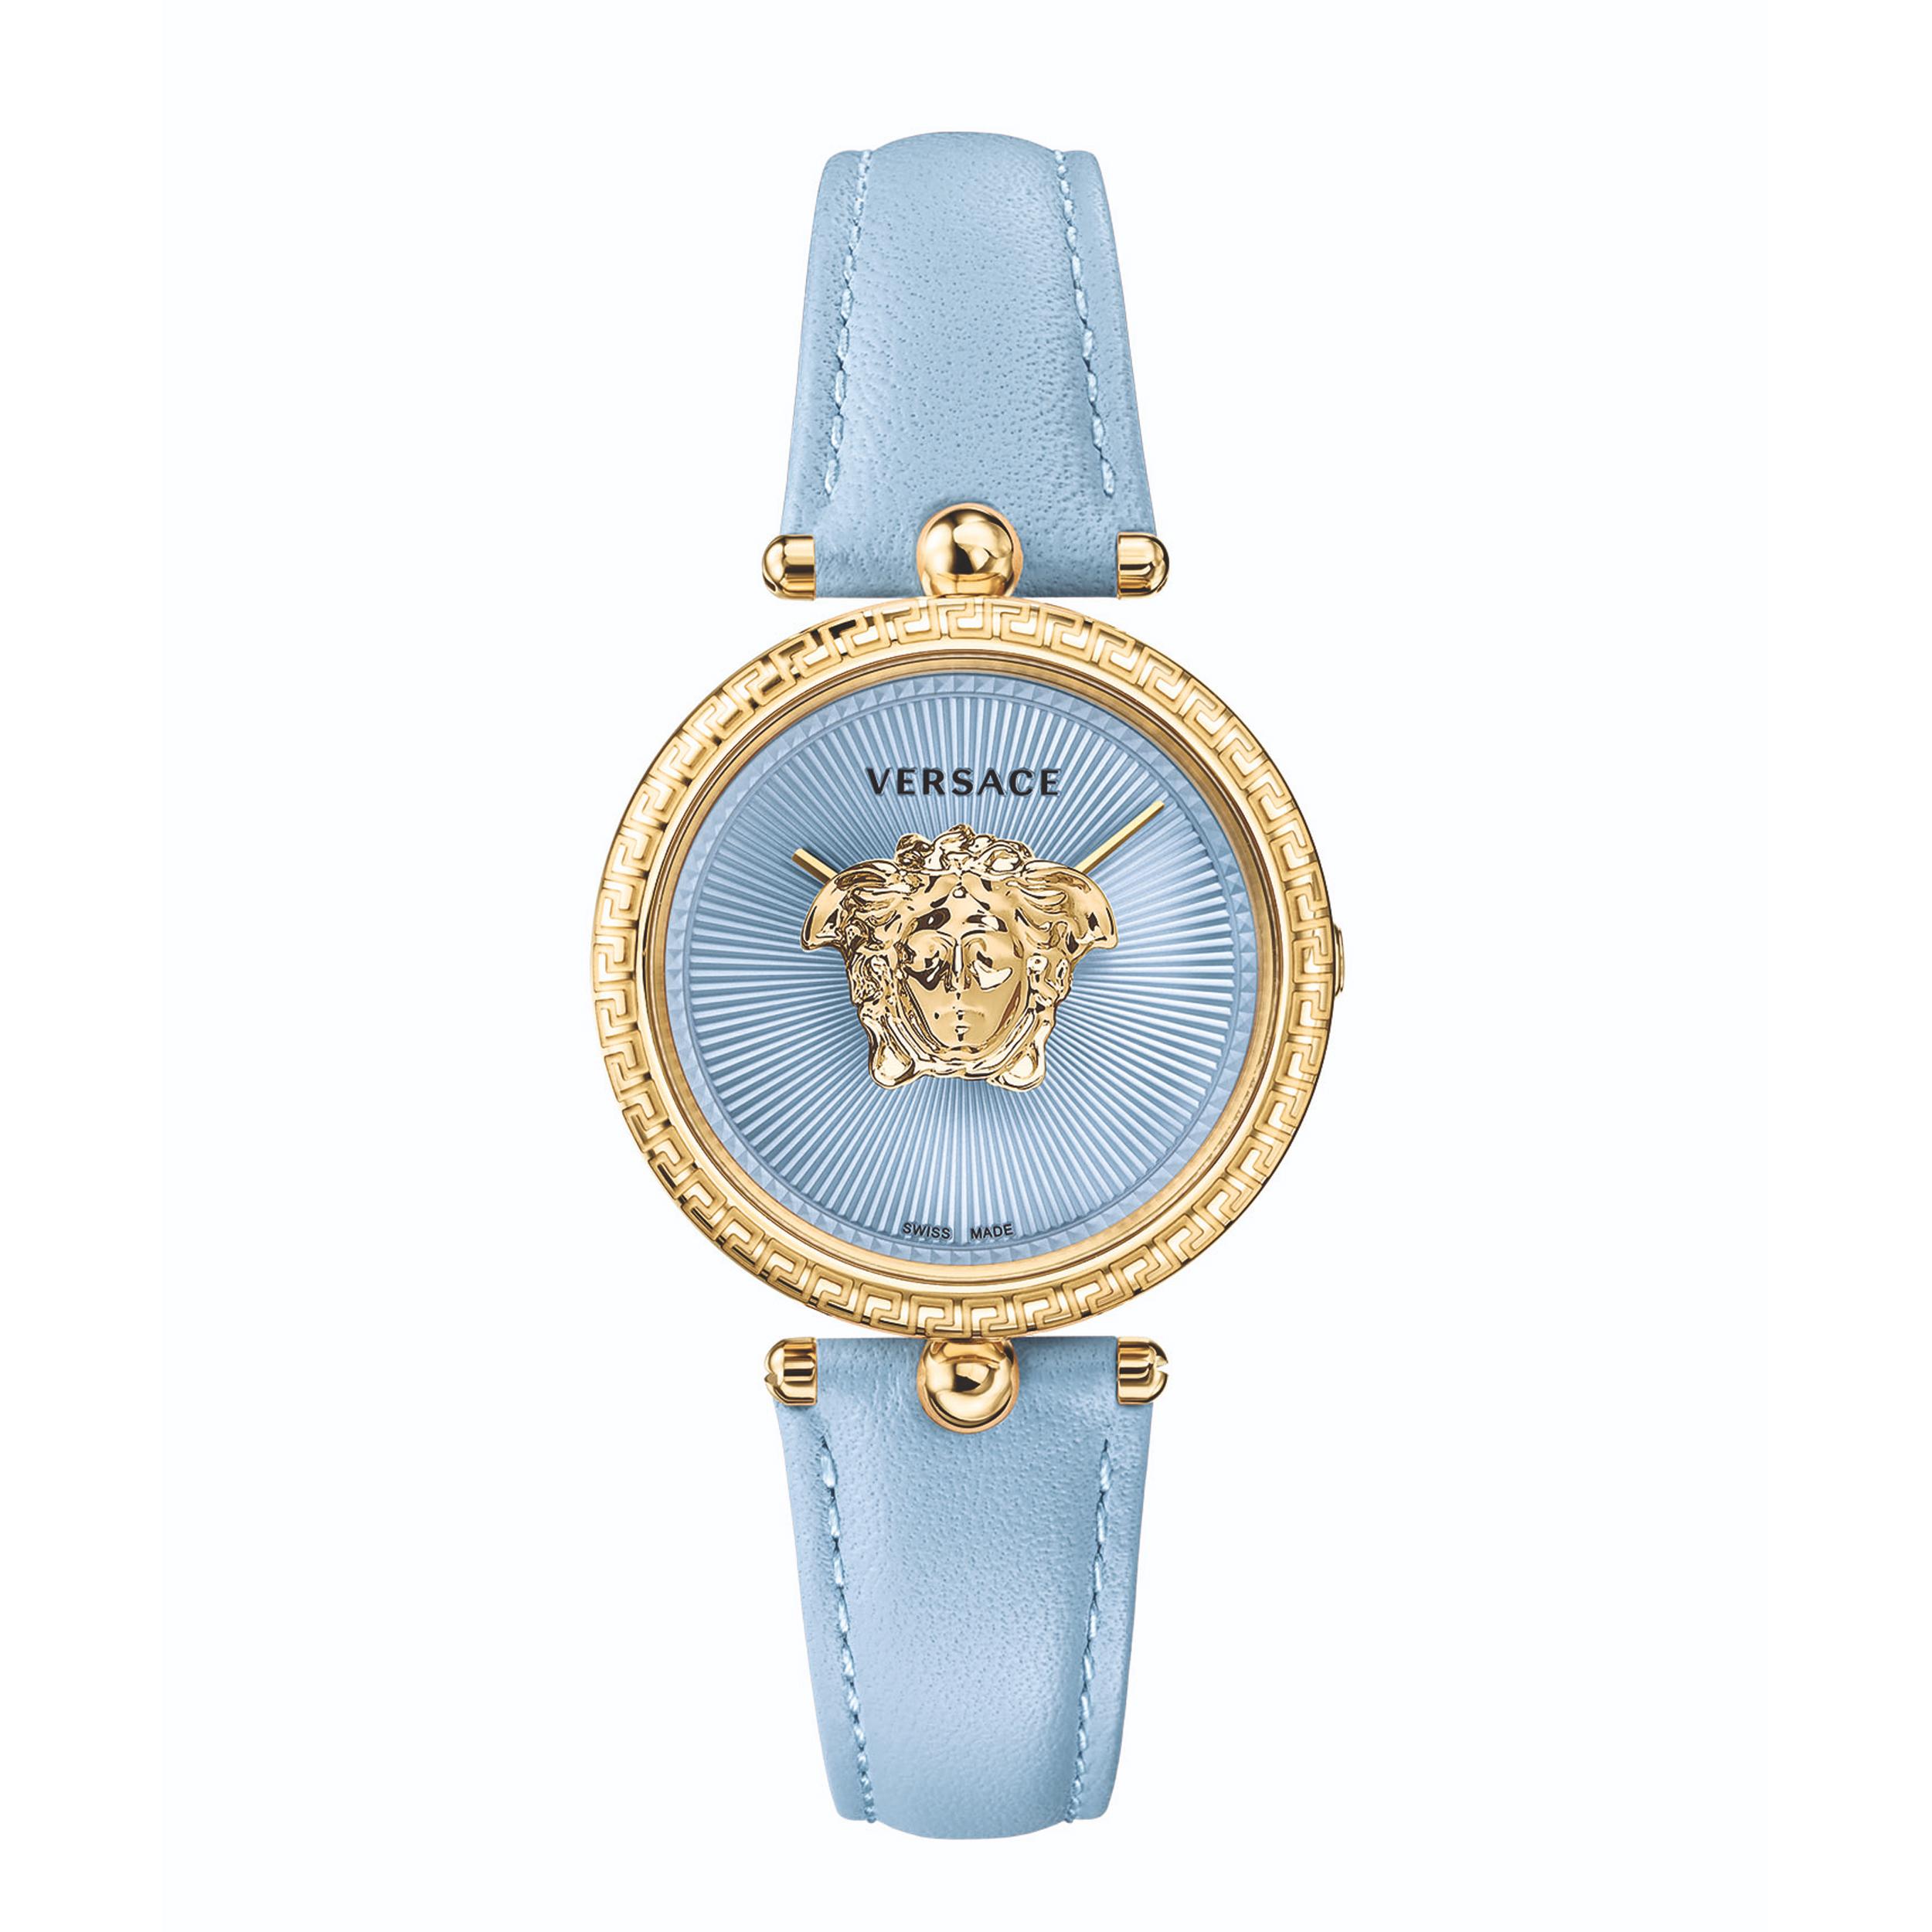 ساعت مچی عقربه ای زنانه ورساچه مدل VECQ009 18